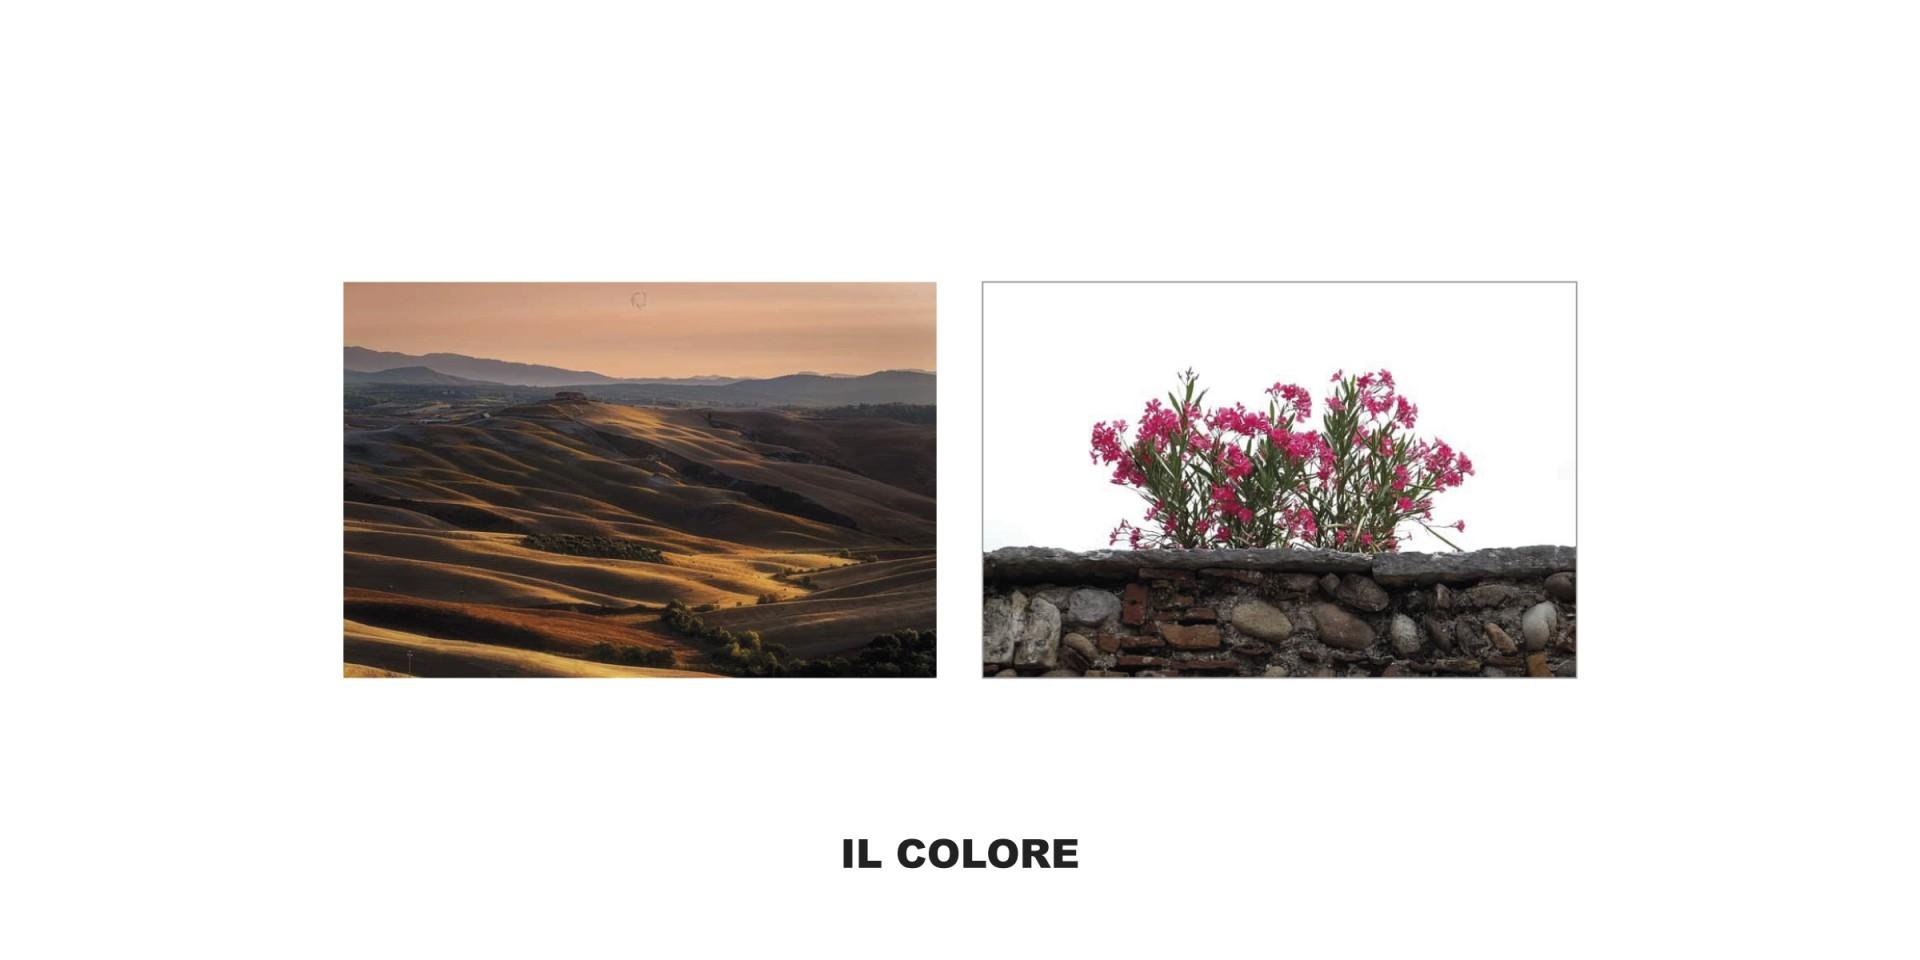 02-slide-il-colore-1.jpg